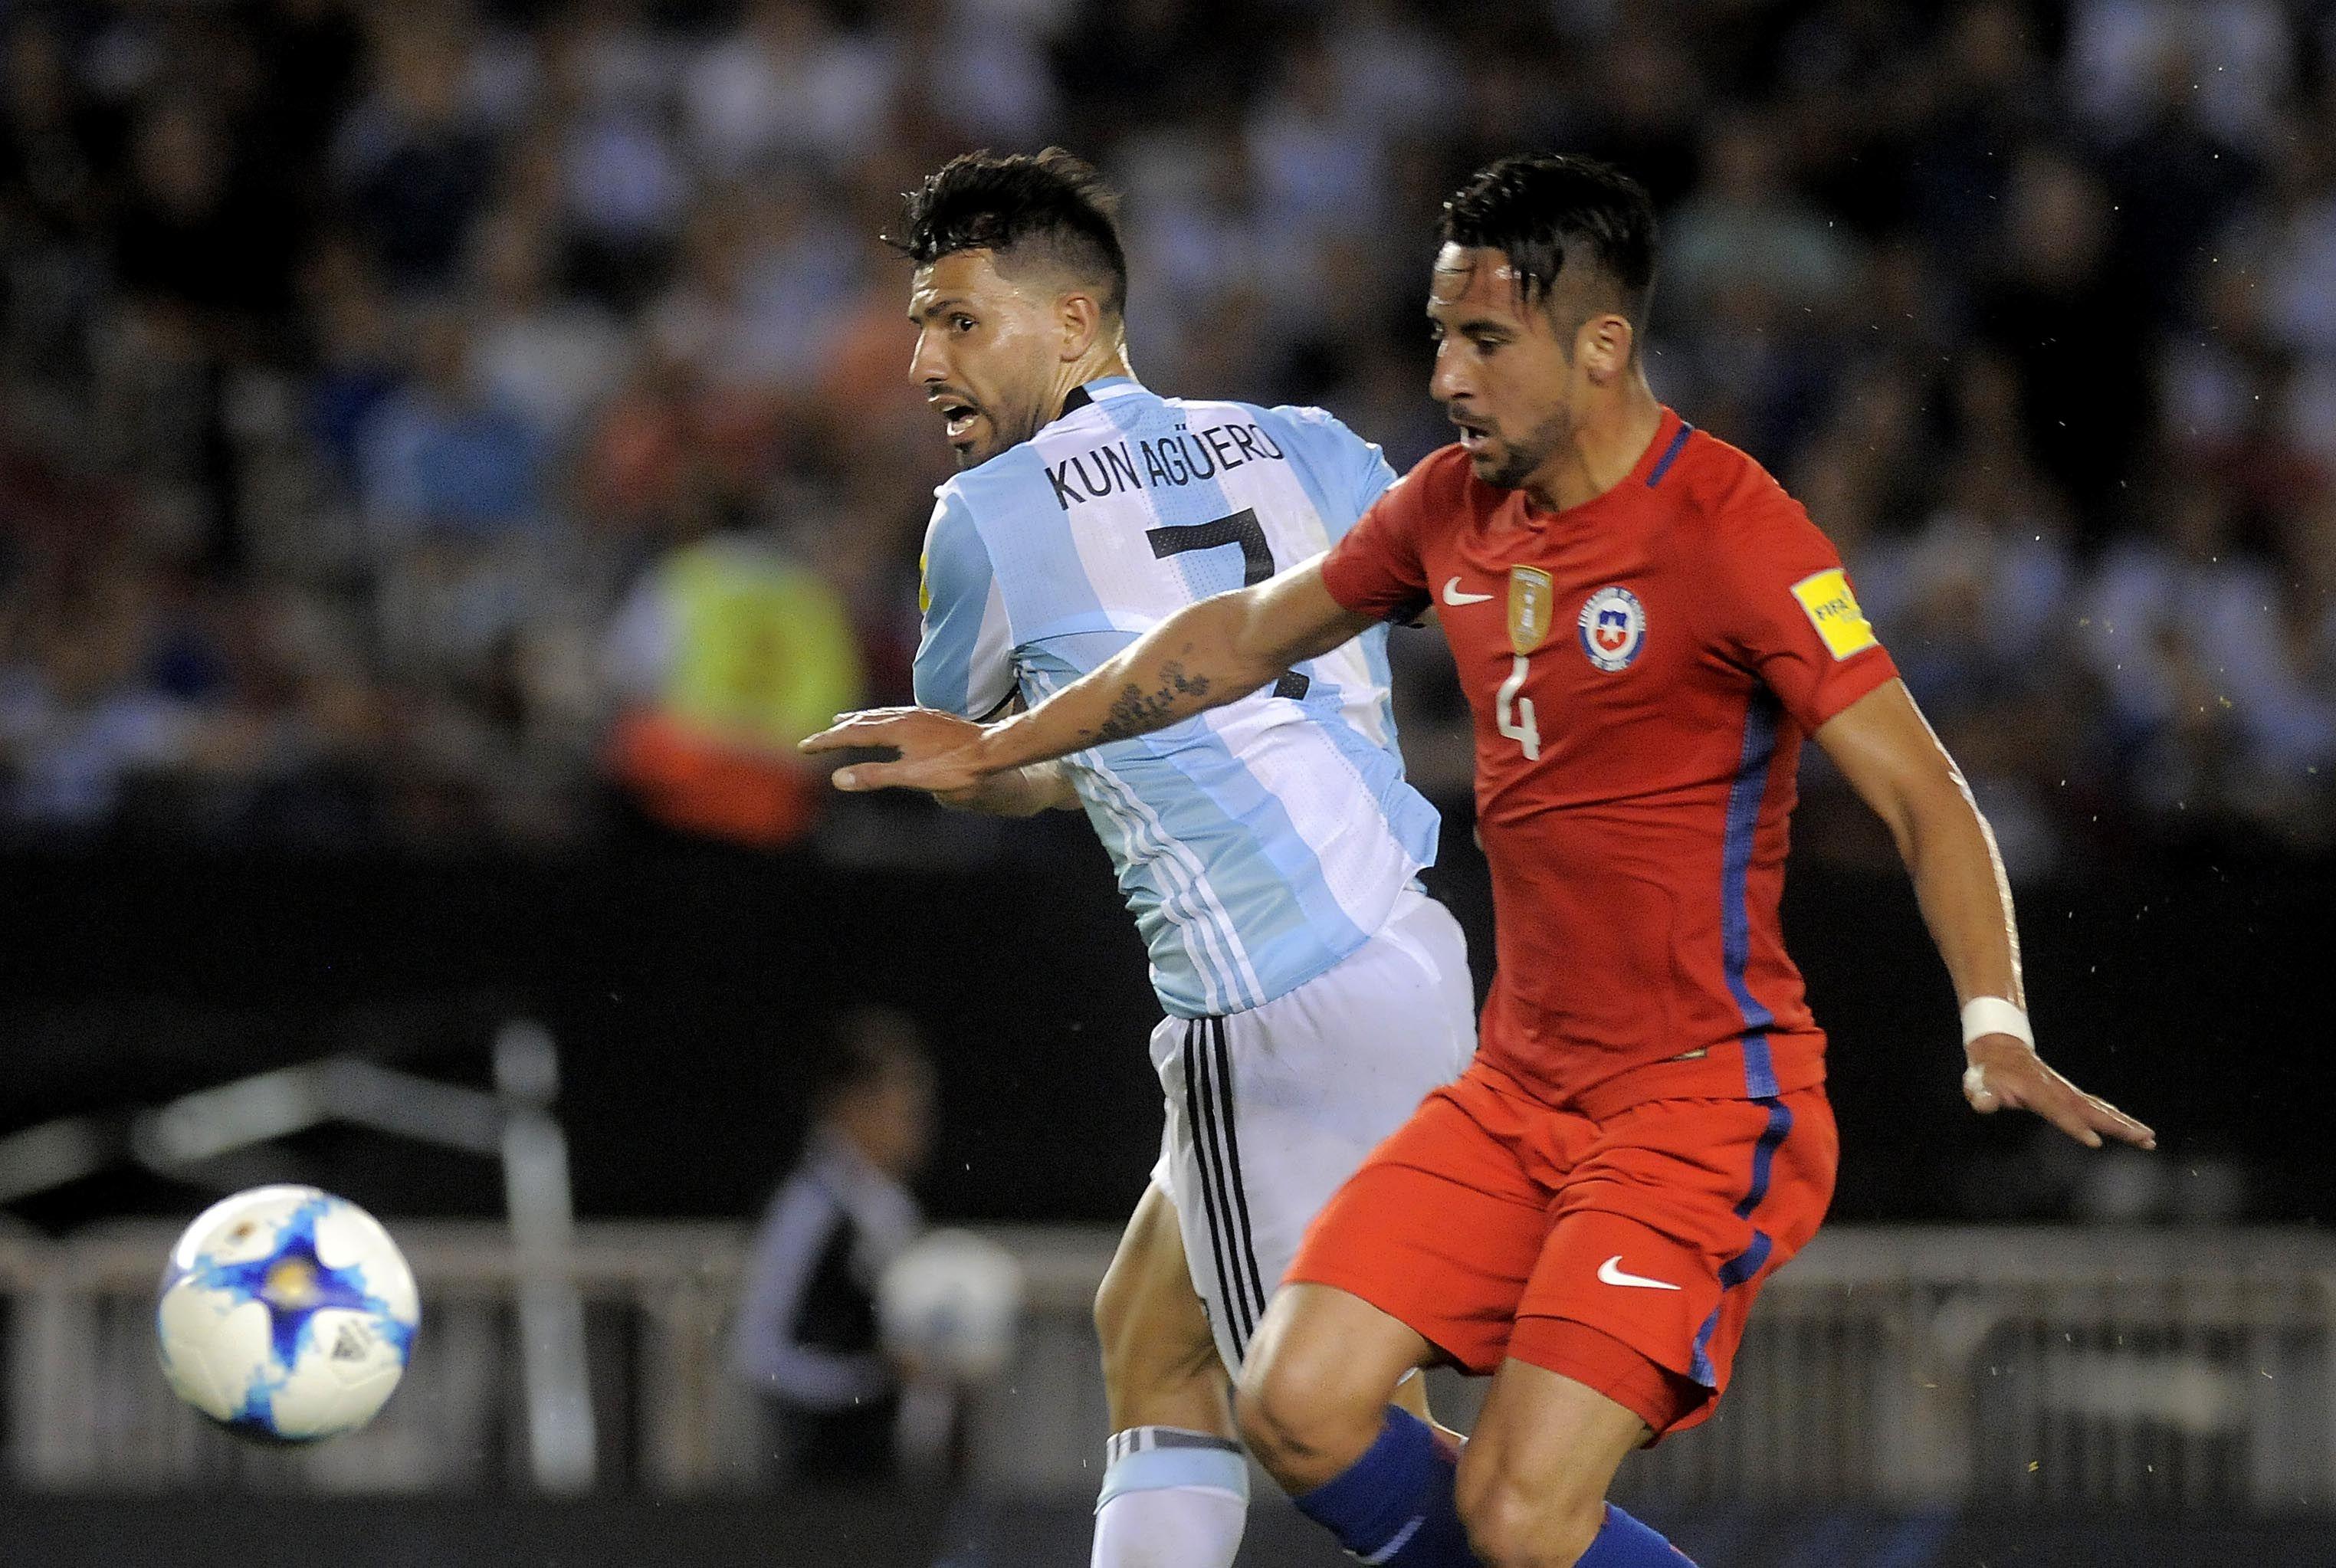 Eliminatorias: la Selección tendrá cuatro bajas ante Bolivia en La Paz